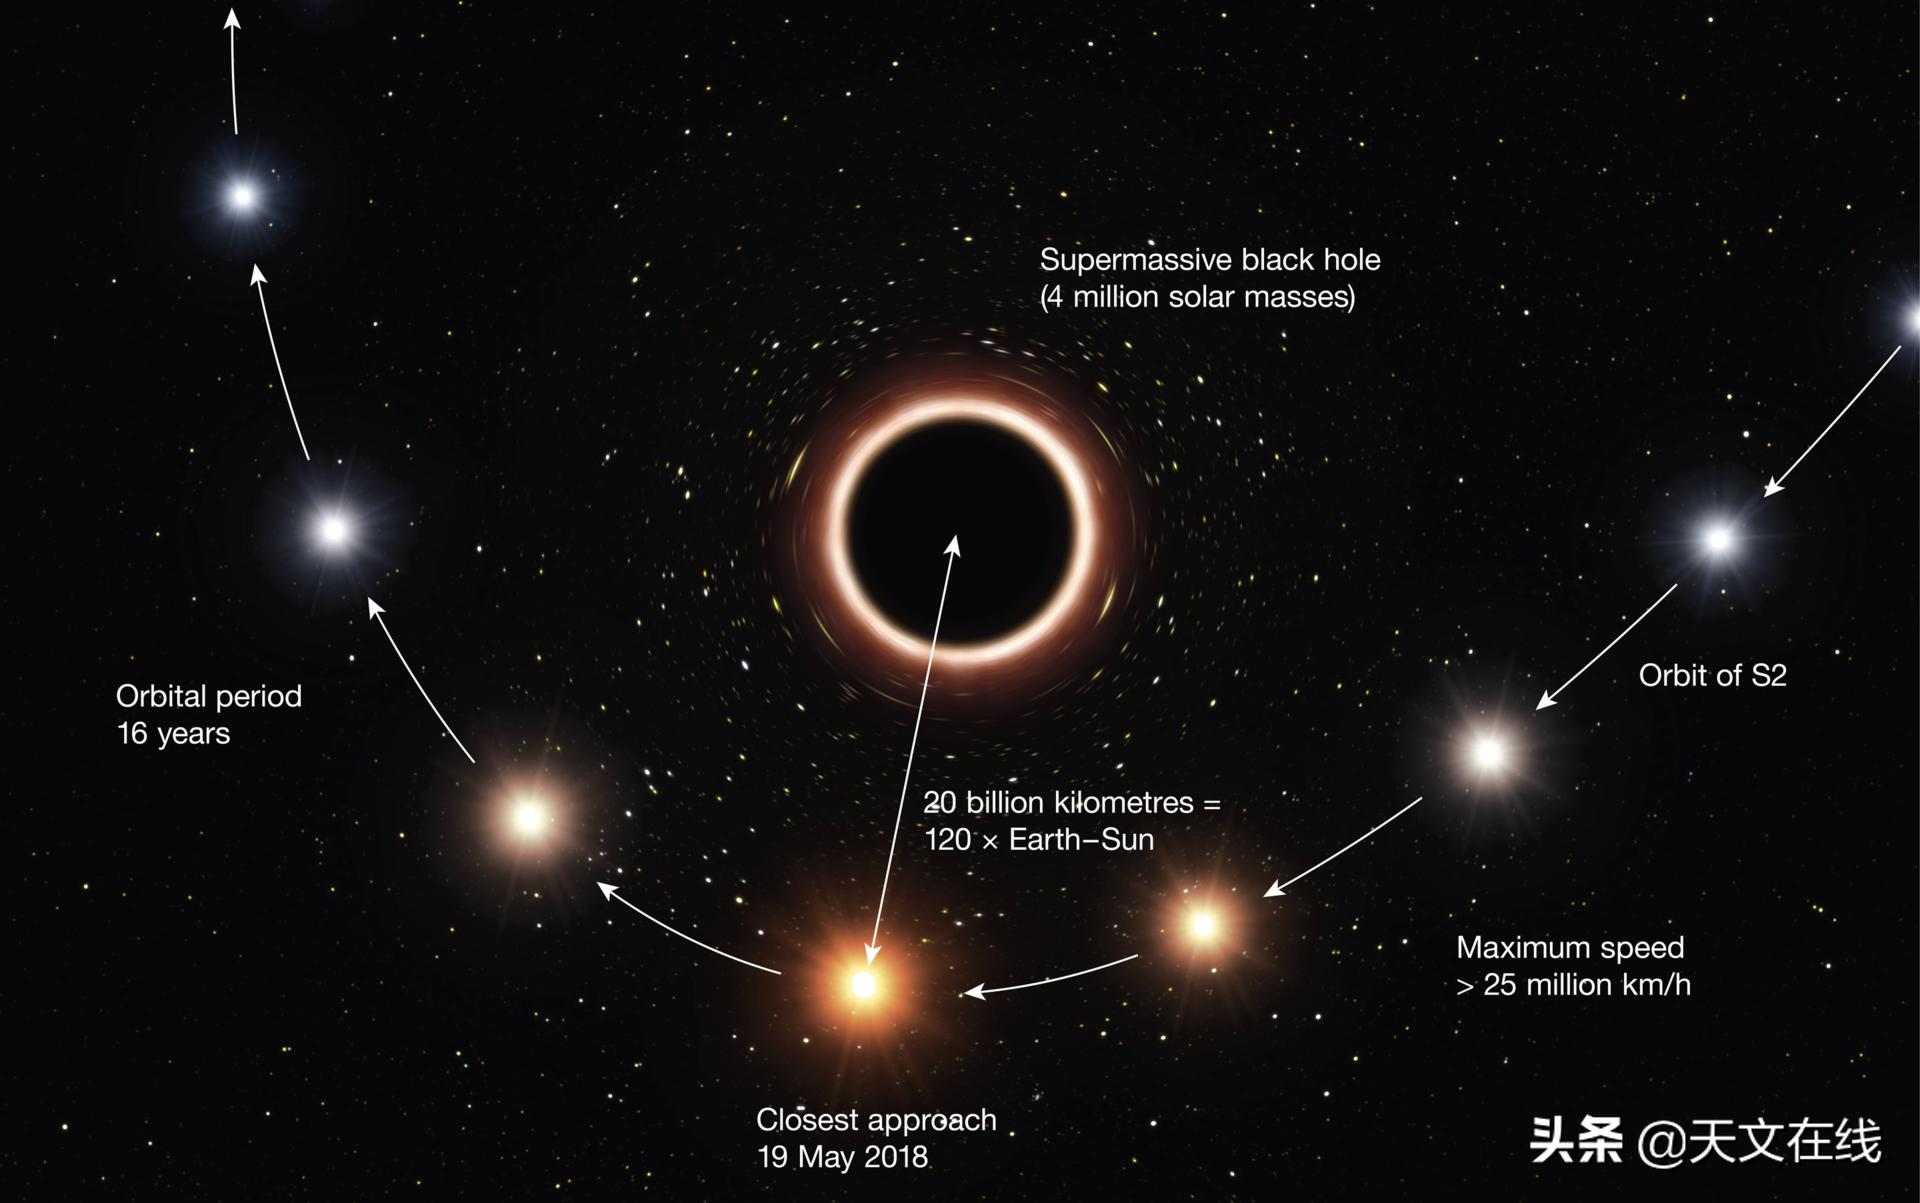 肉眼可见的两颗伴星附近,是你看不到的漆黑一片:距离最近的黑洞